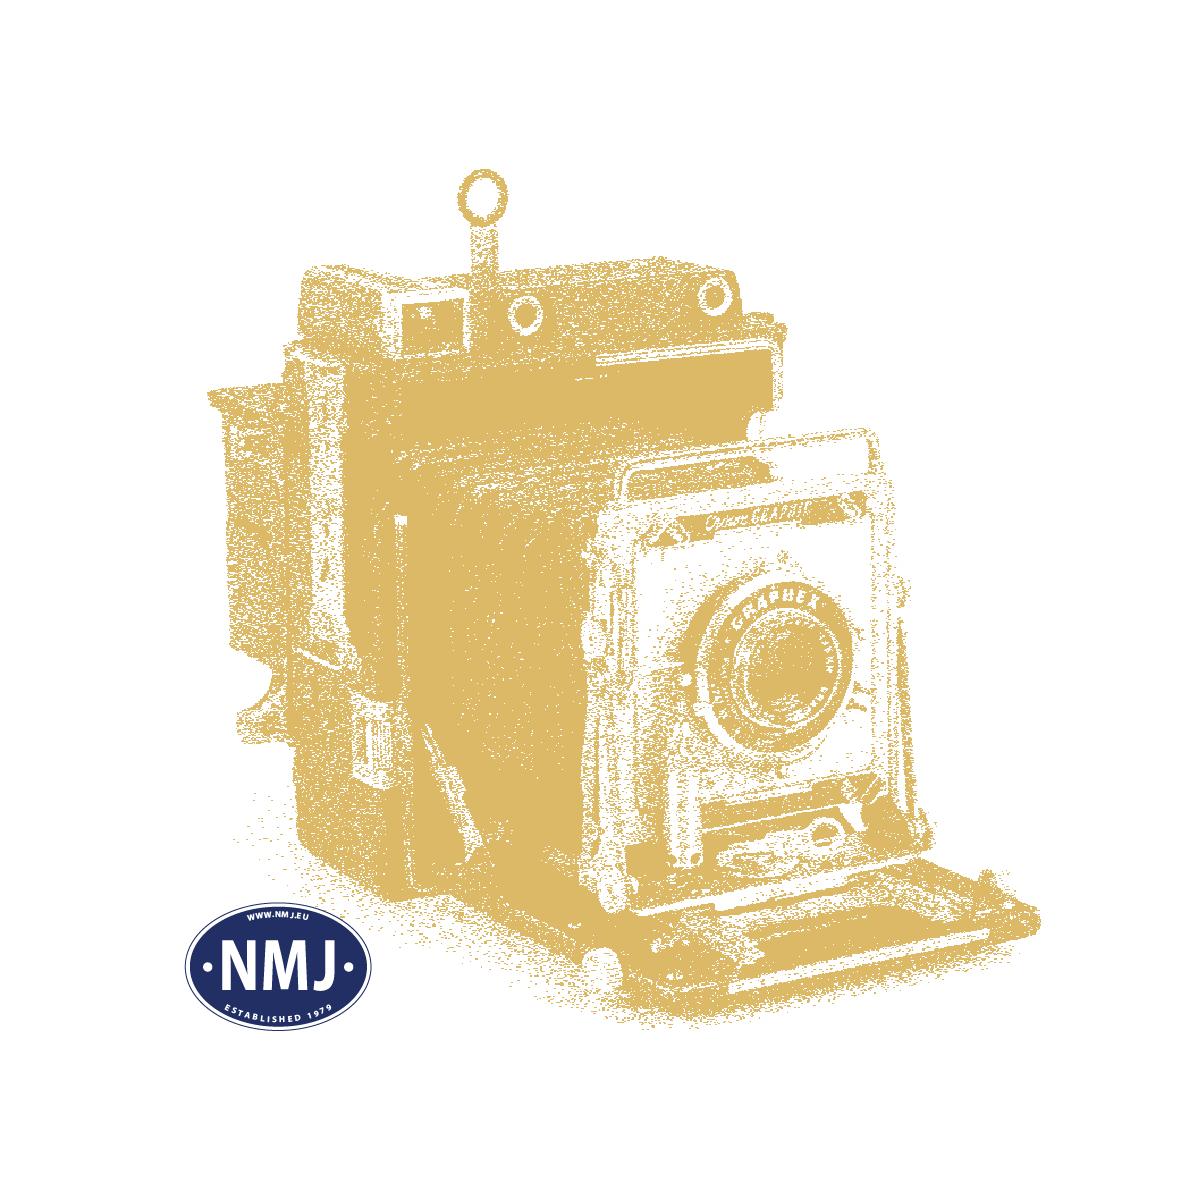 NMJSHf38447 - NMJ Superline NSB Kühlwagen Hf3 8447